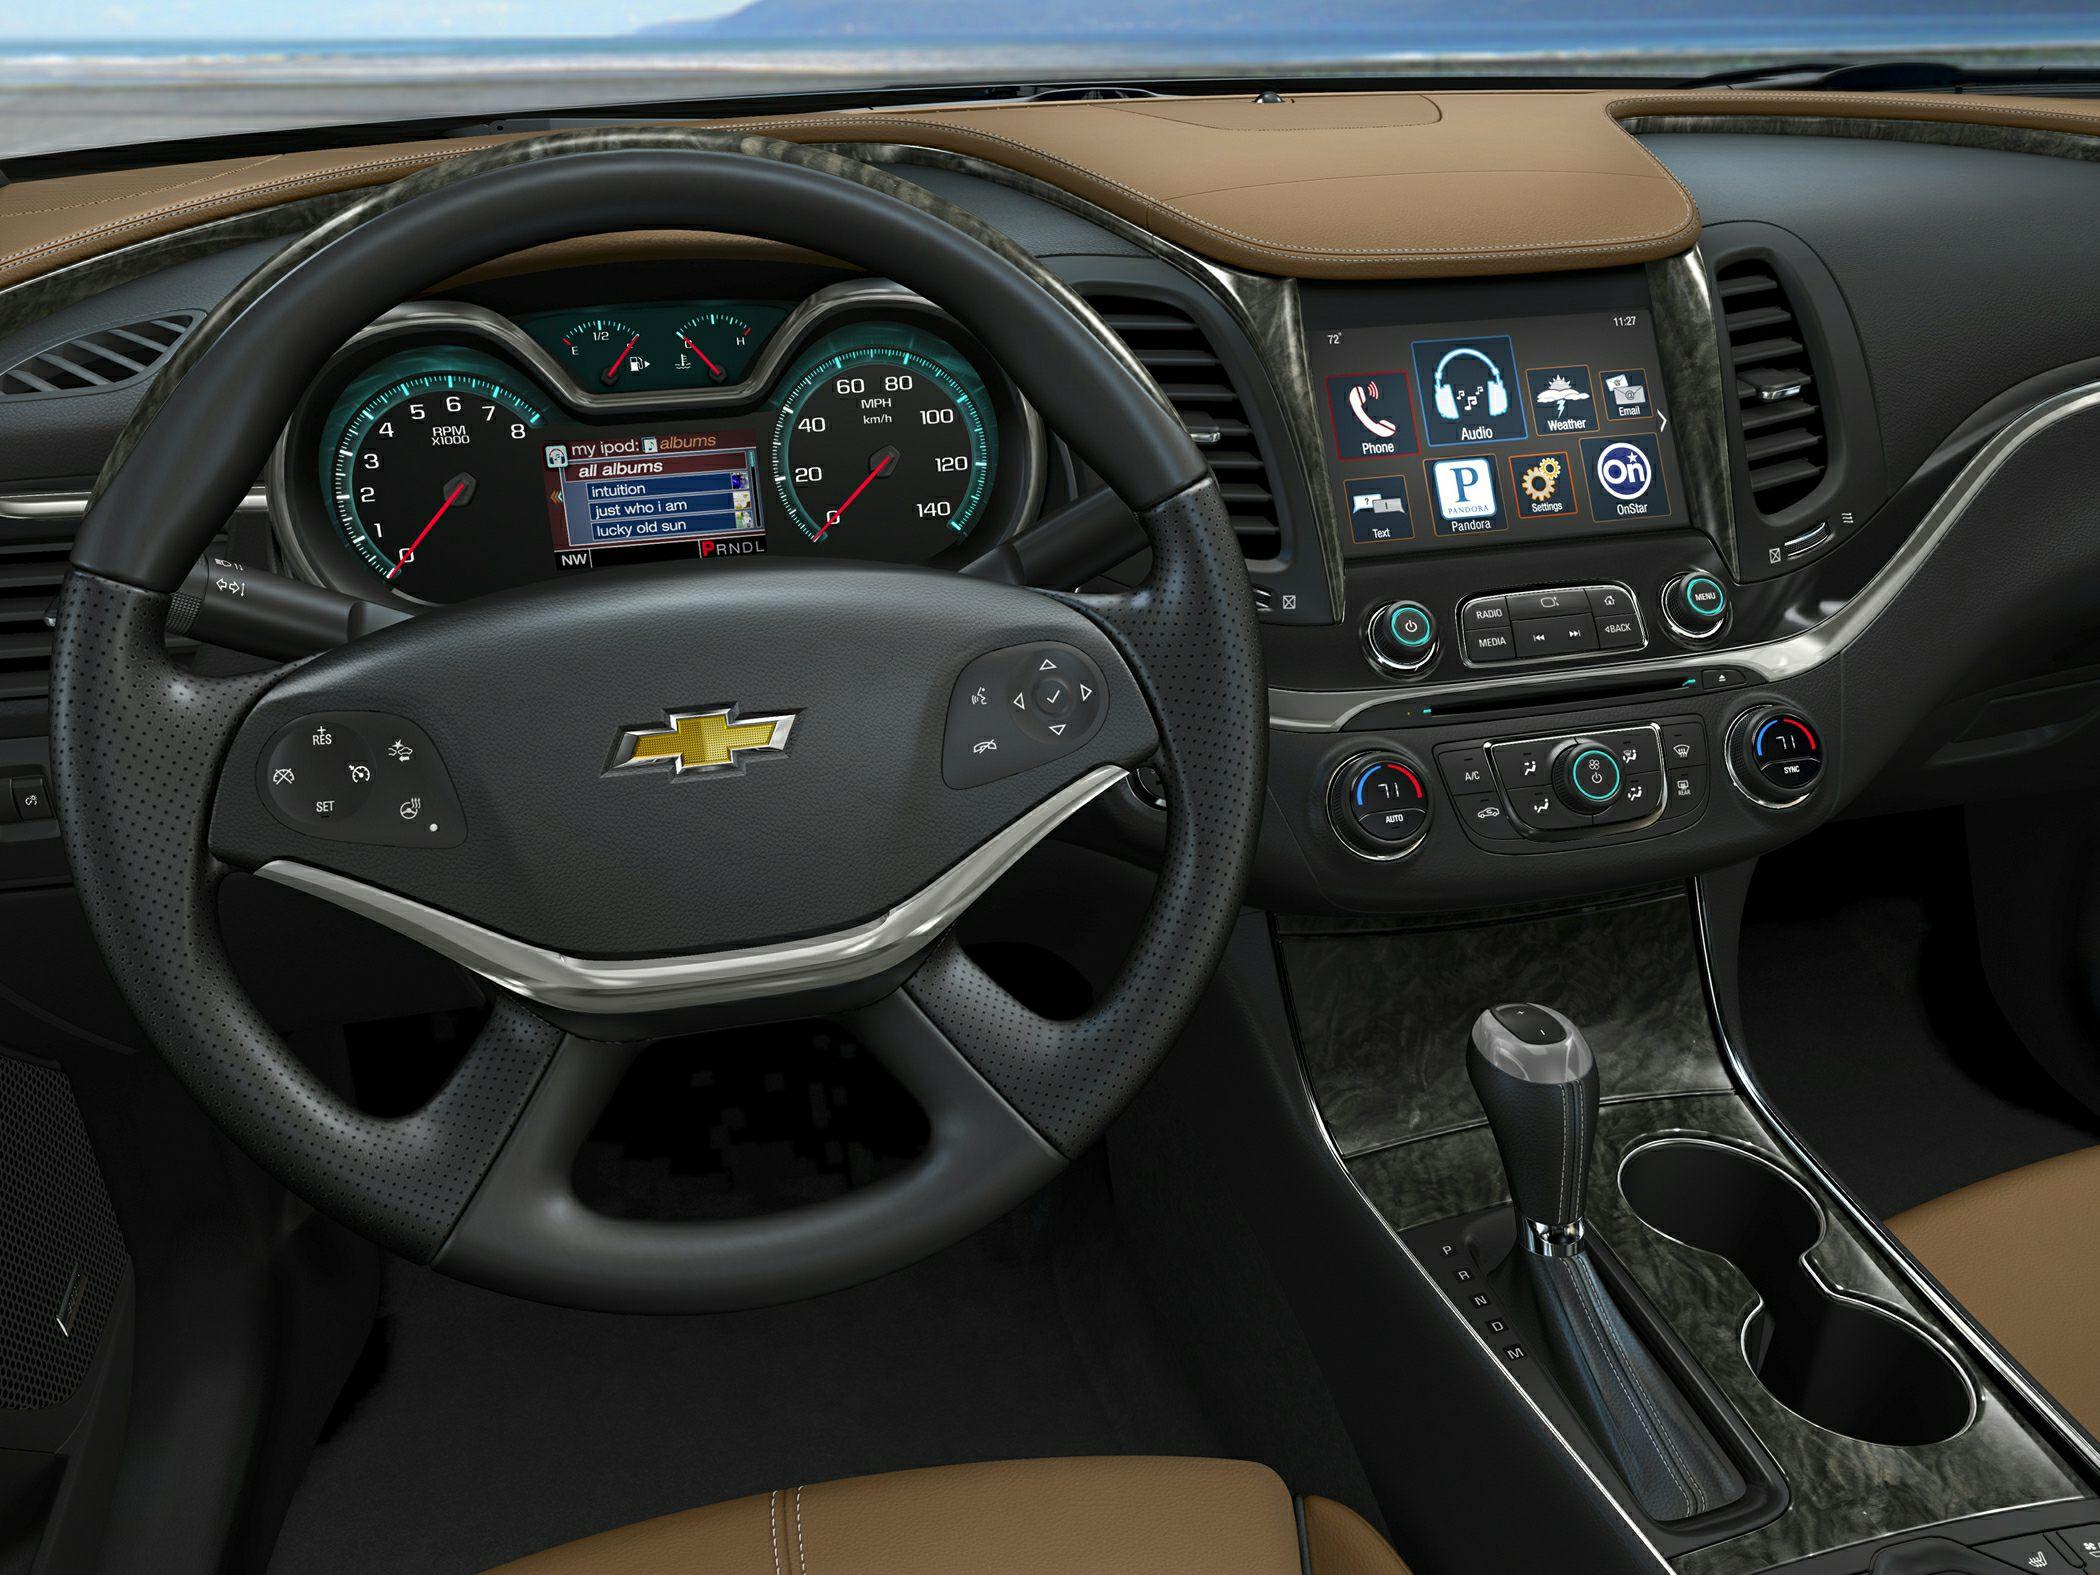 2017 chevrolet impala 1fl